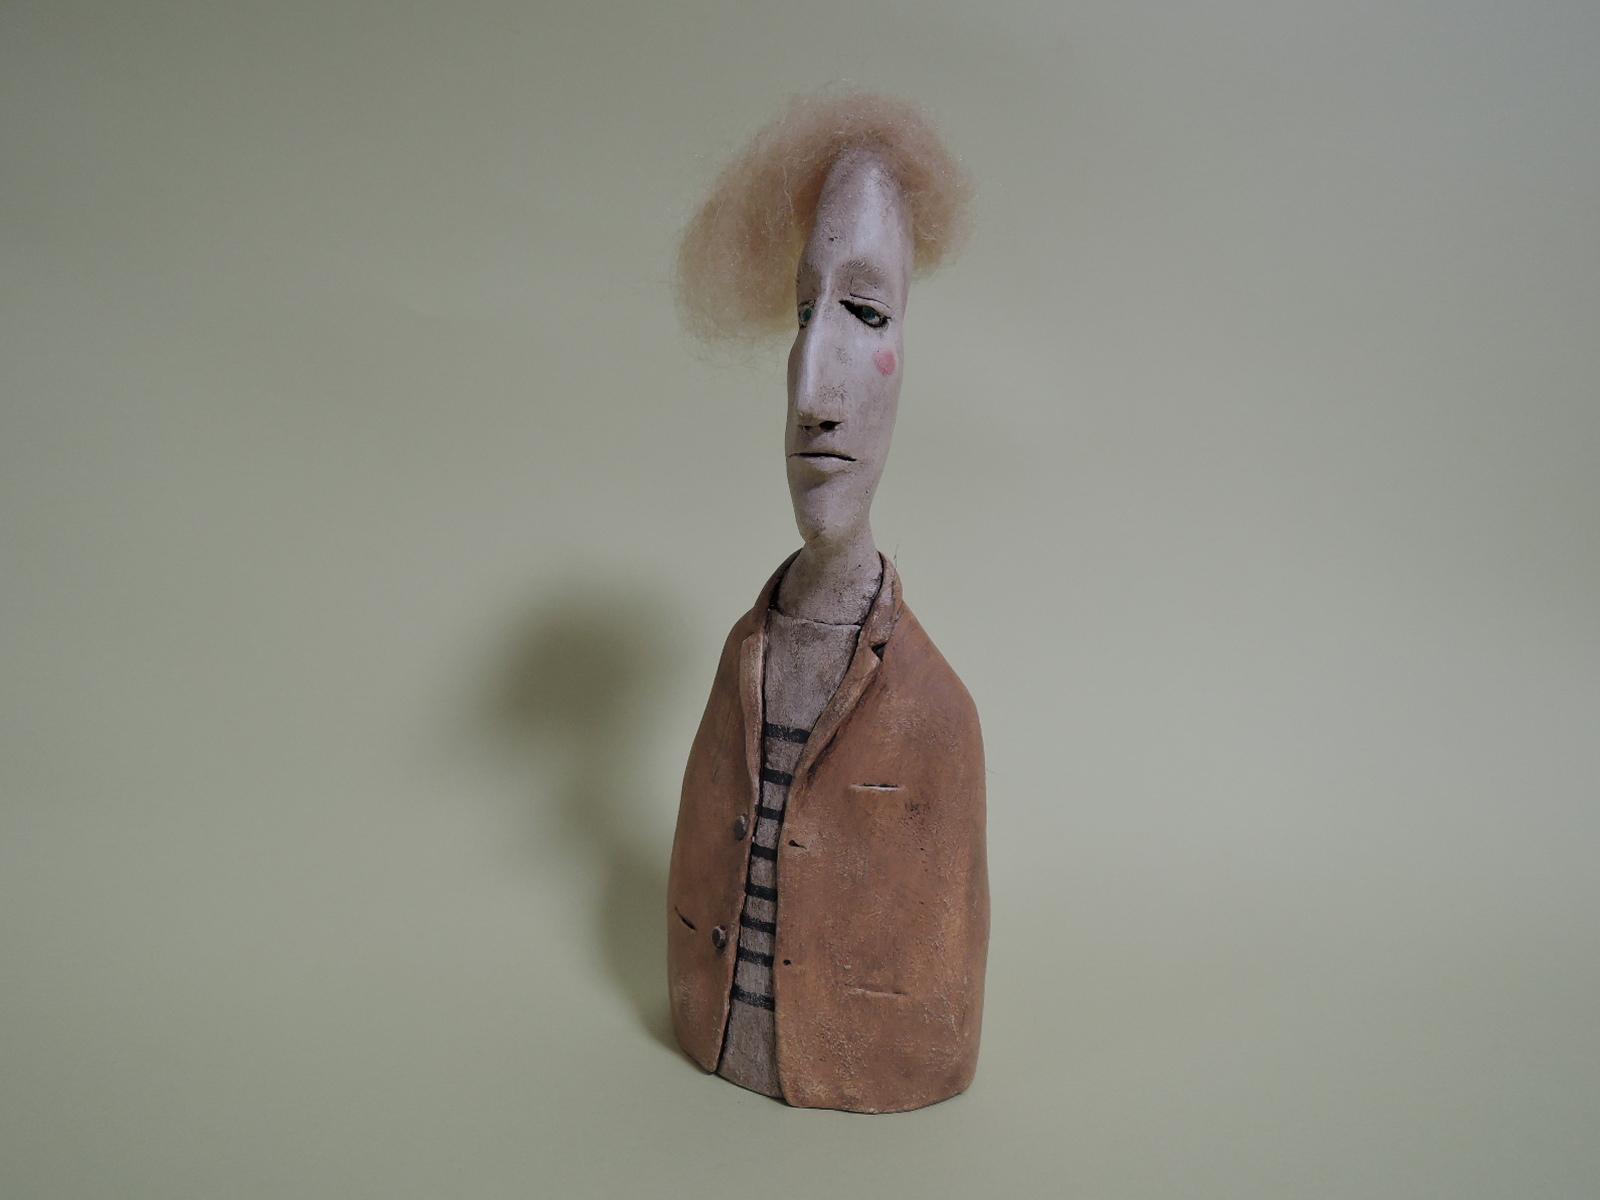 杉浦史典さんの陶器オブジェ 或る男